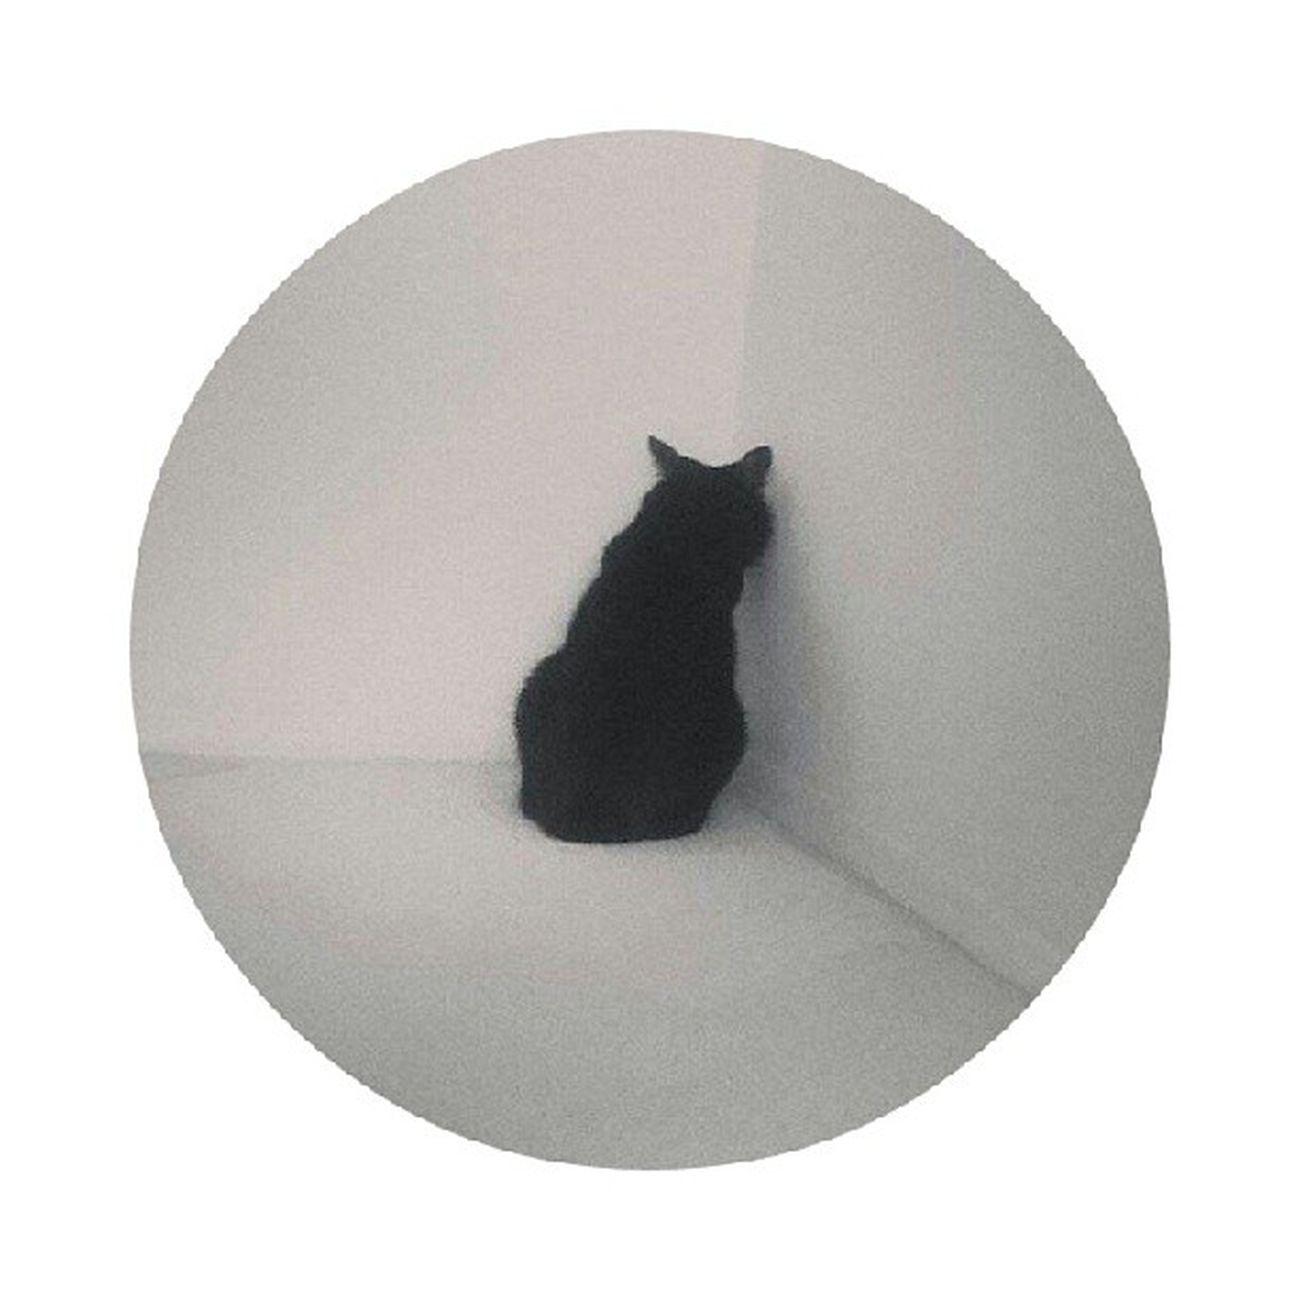 ขอ งีบ ซัก แปป ปวด หมอง CR > Hiromi Pinterest